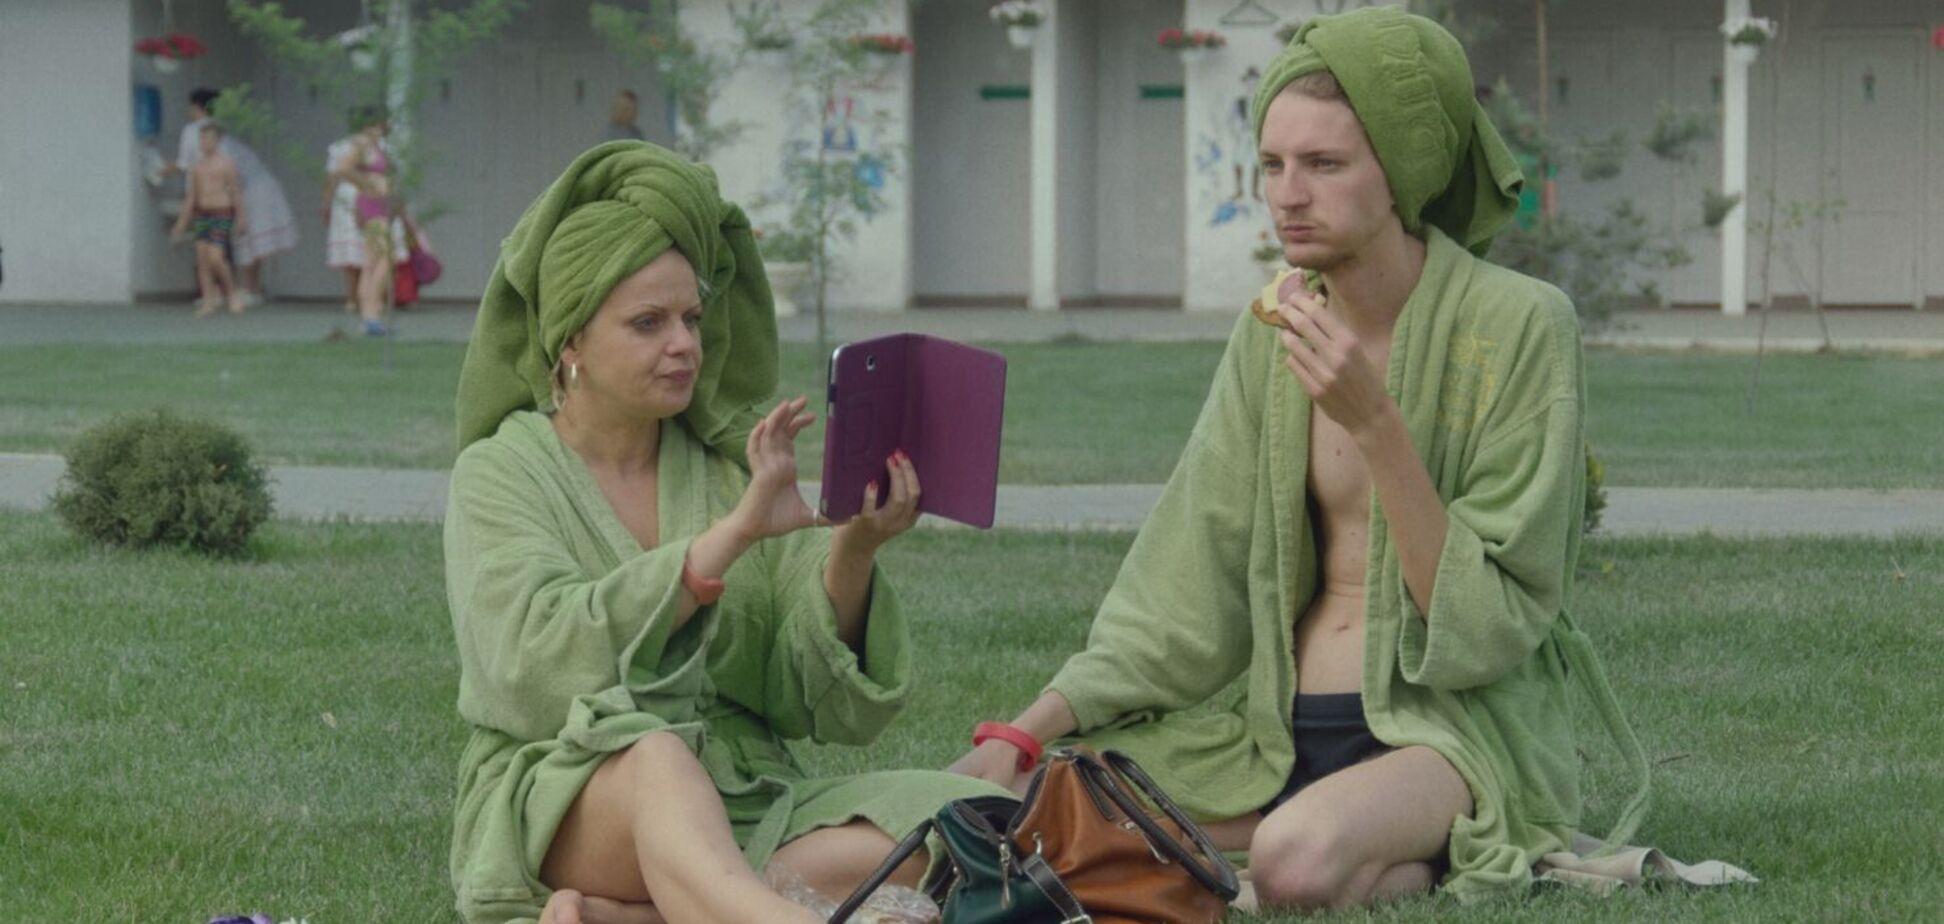 Фільм 'Мої думки тихі' отримав нагороду на культовому фестивалі в Великобританії